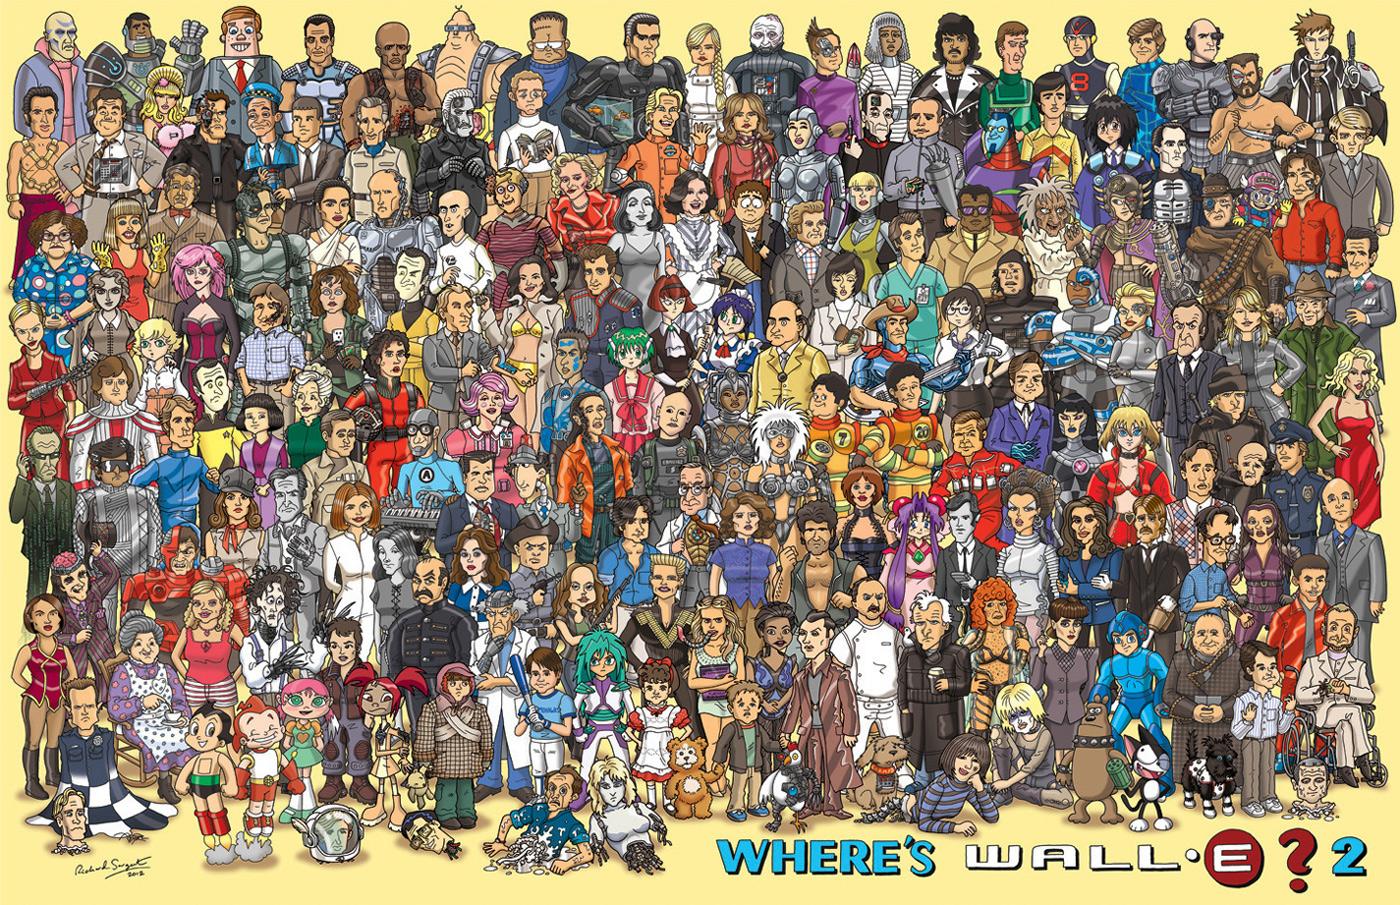 Wheres-Wall-E-2